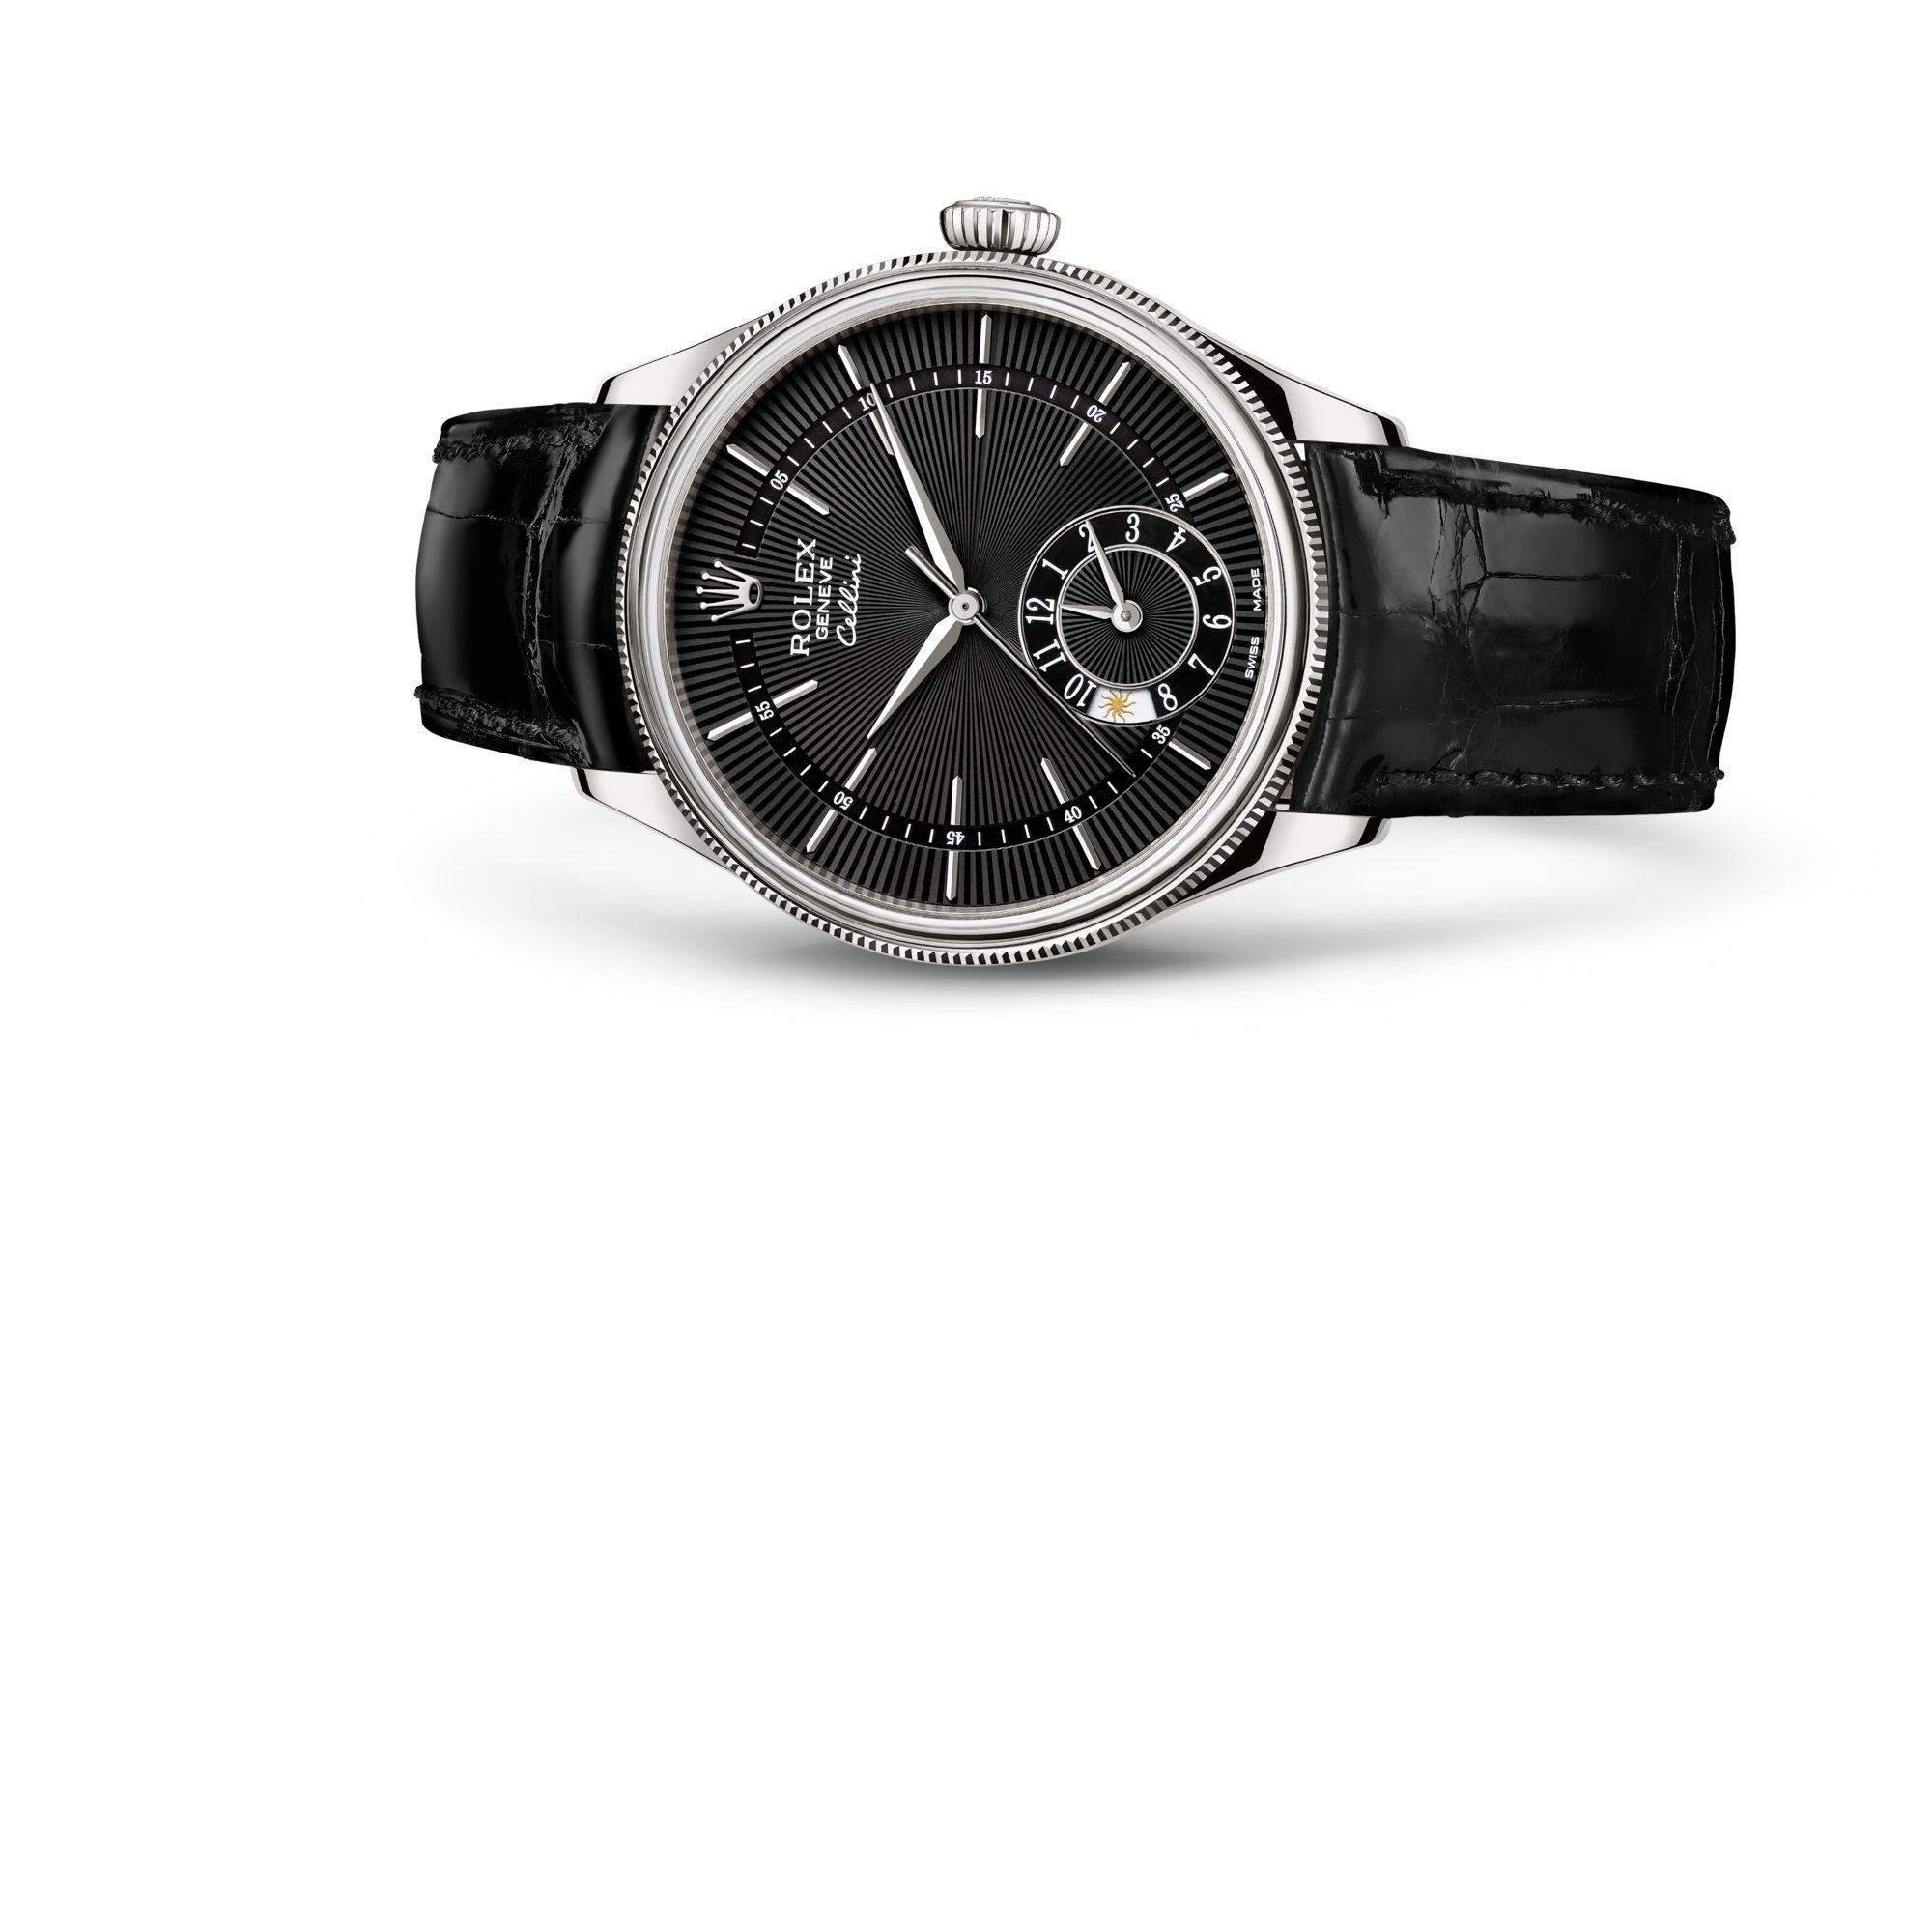 Rolex チェリーニ<br>デュアルタイム M50529-0007